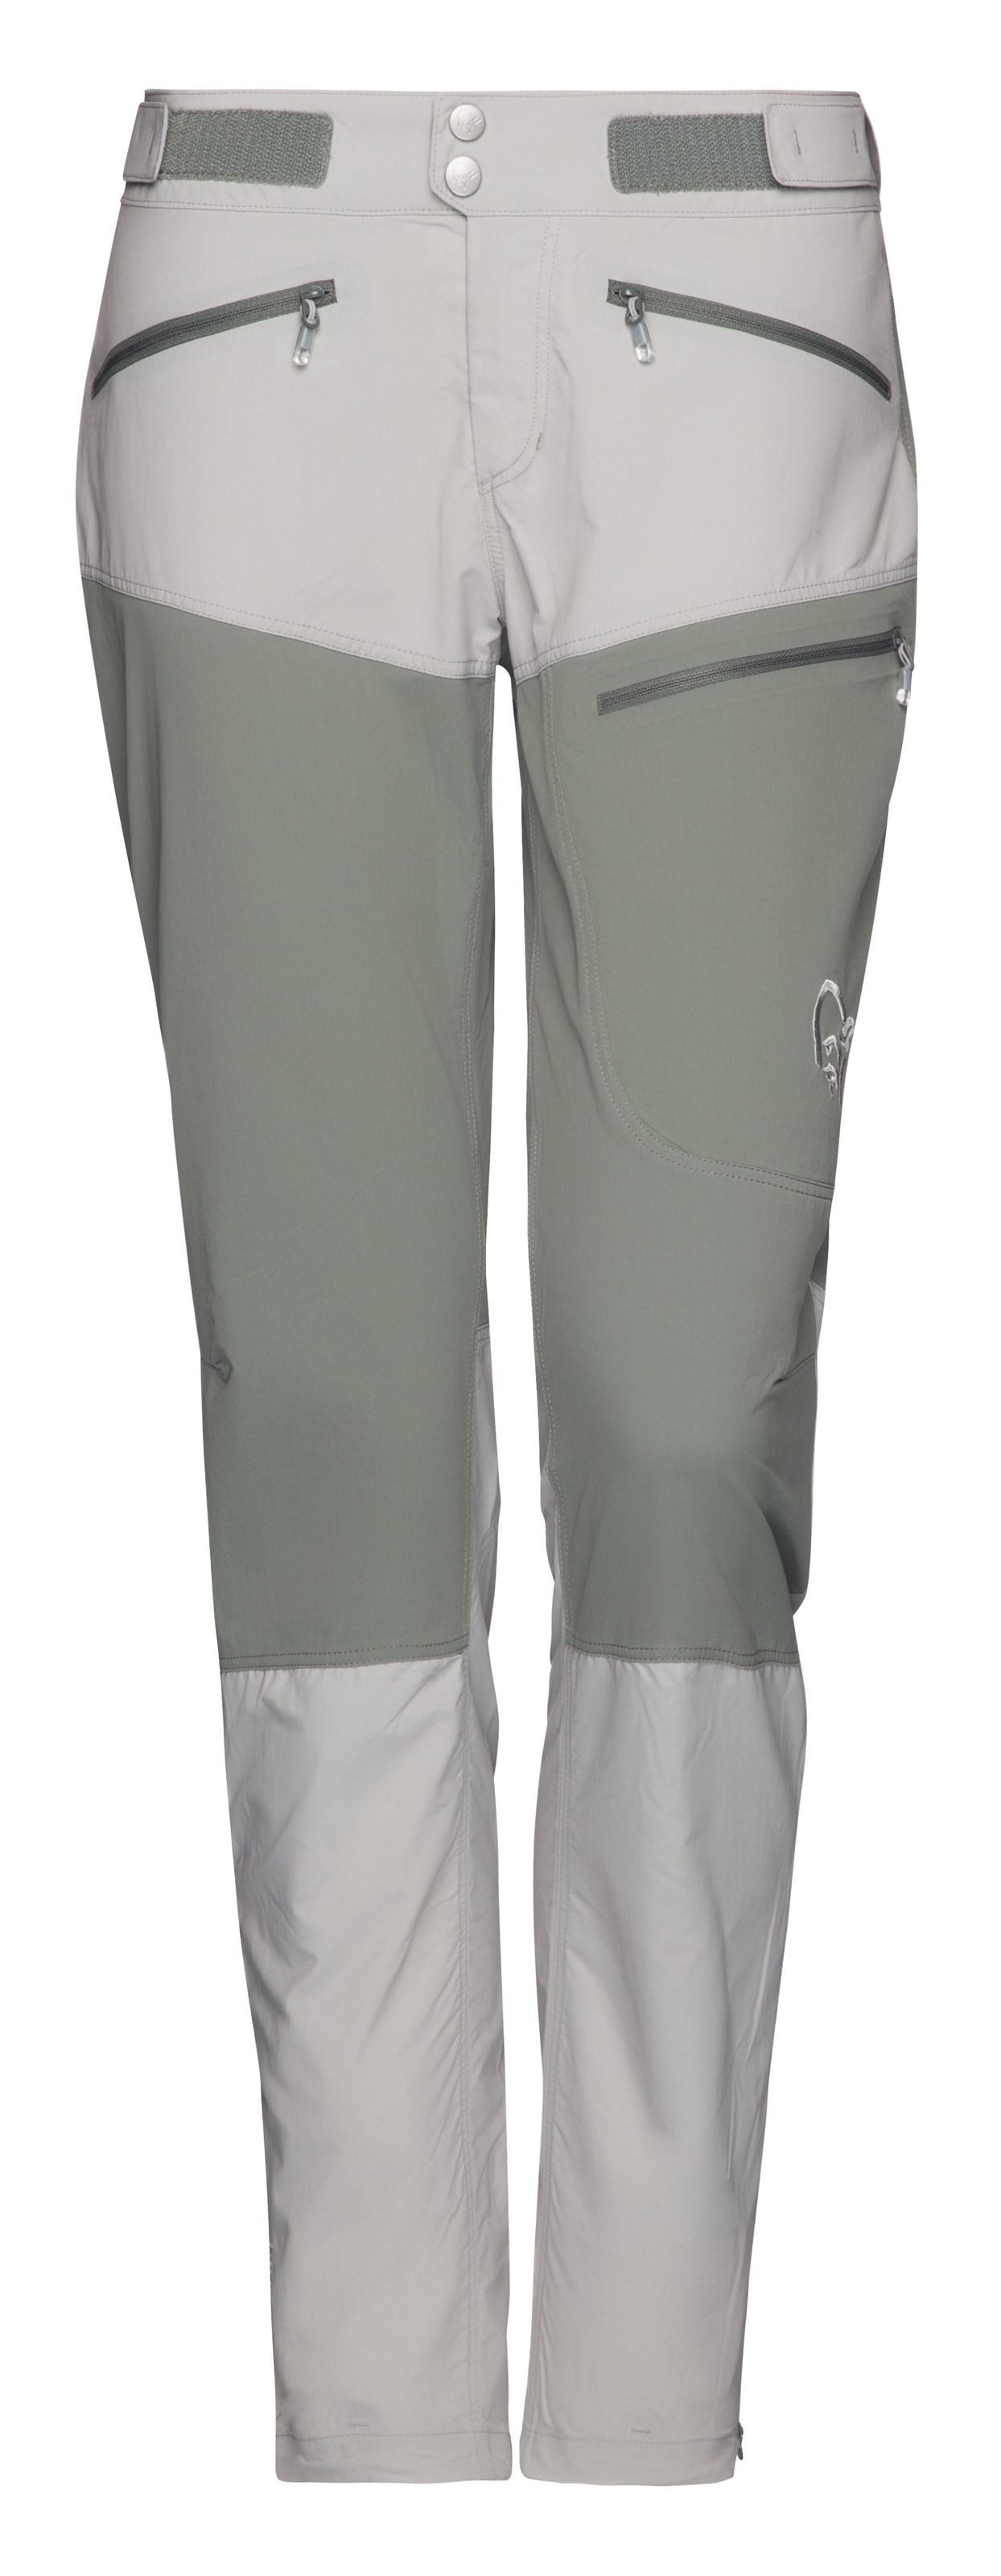 306d7910 Braasport - Den nye og forbedrede bitihorn lightweight-buksen er en ...